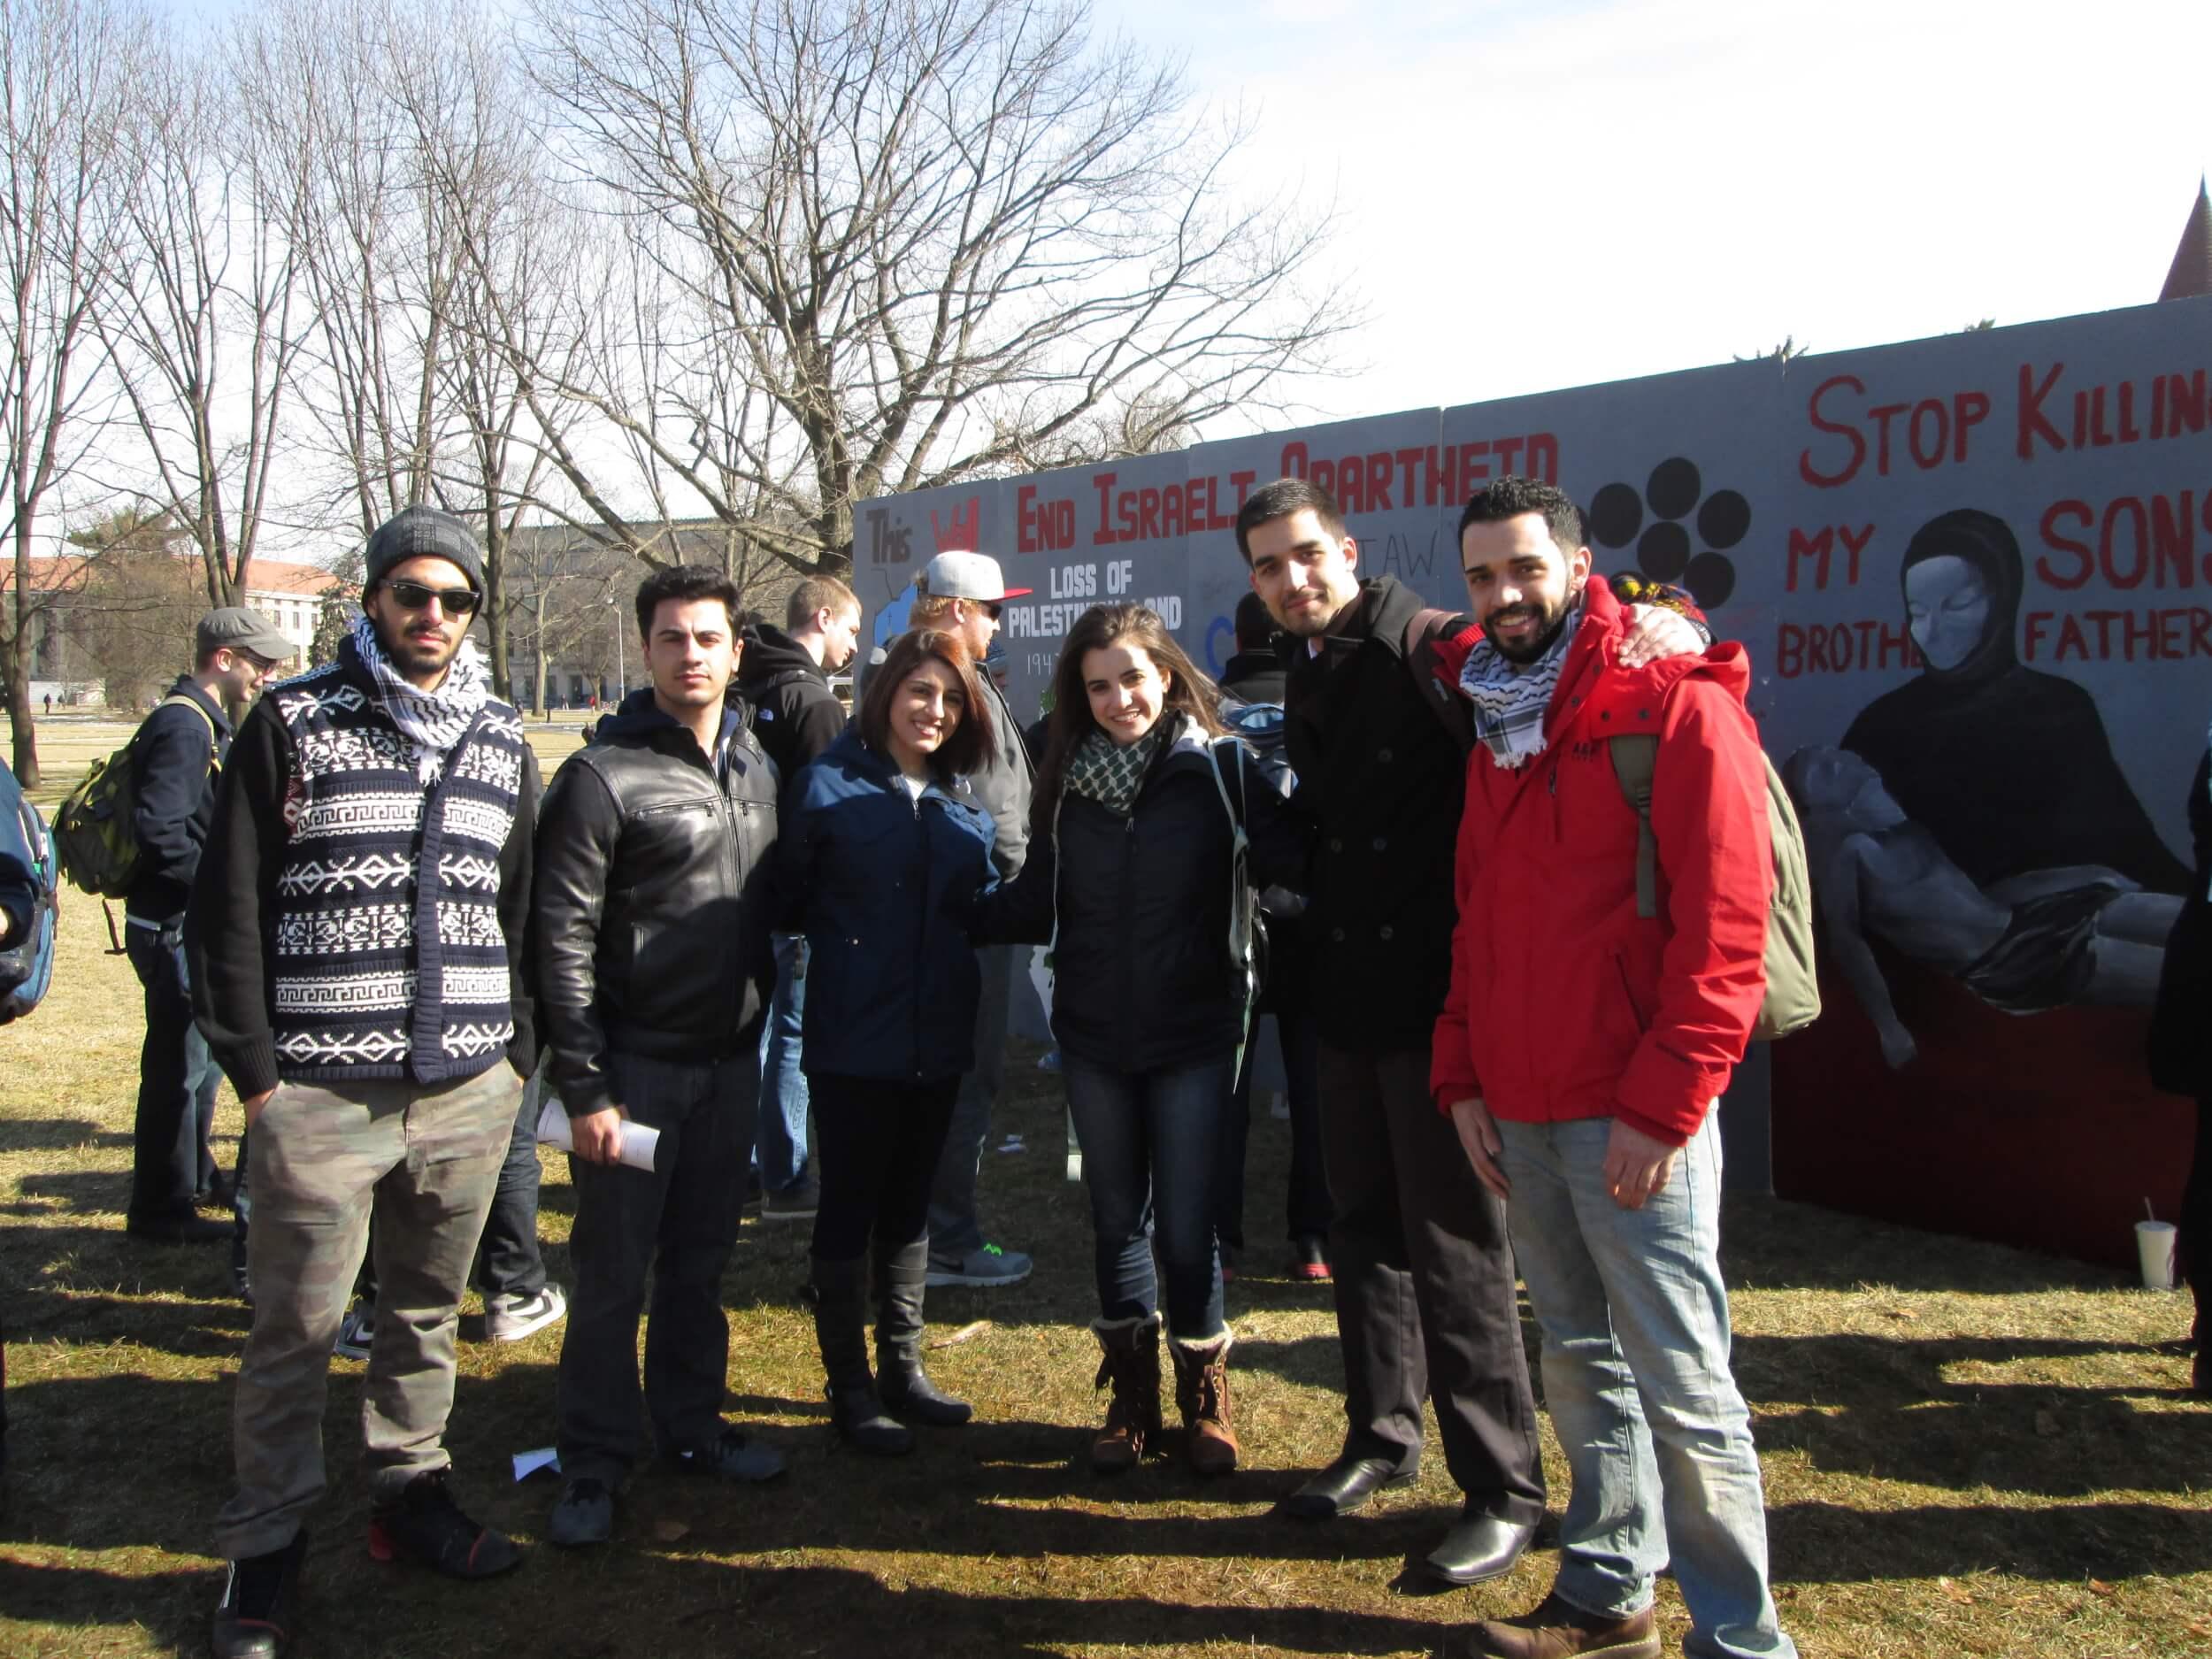 Israeli Apartheid Week at OSU